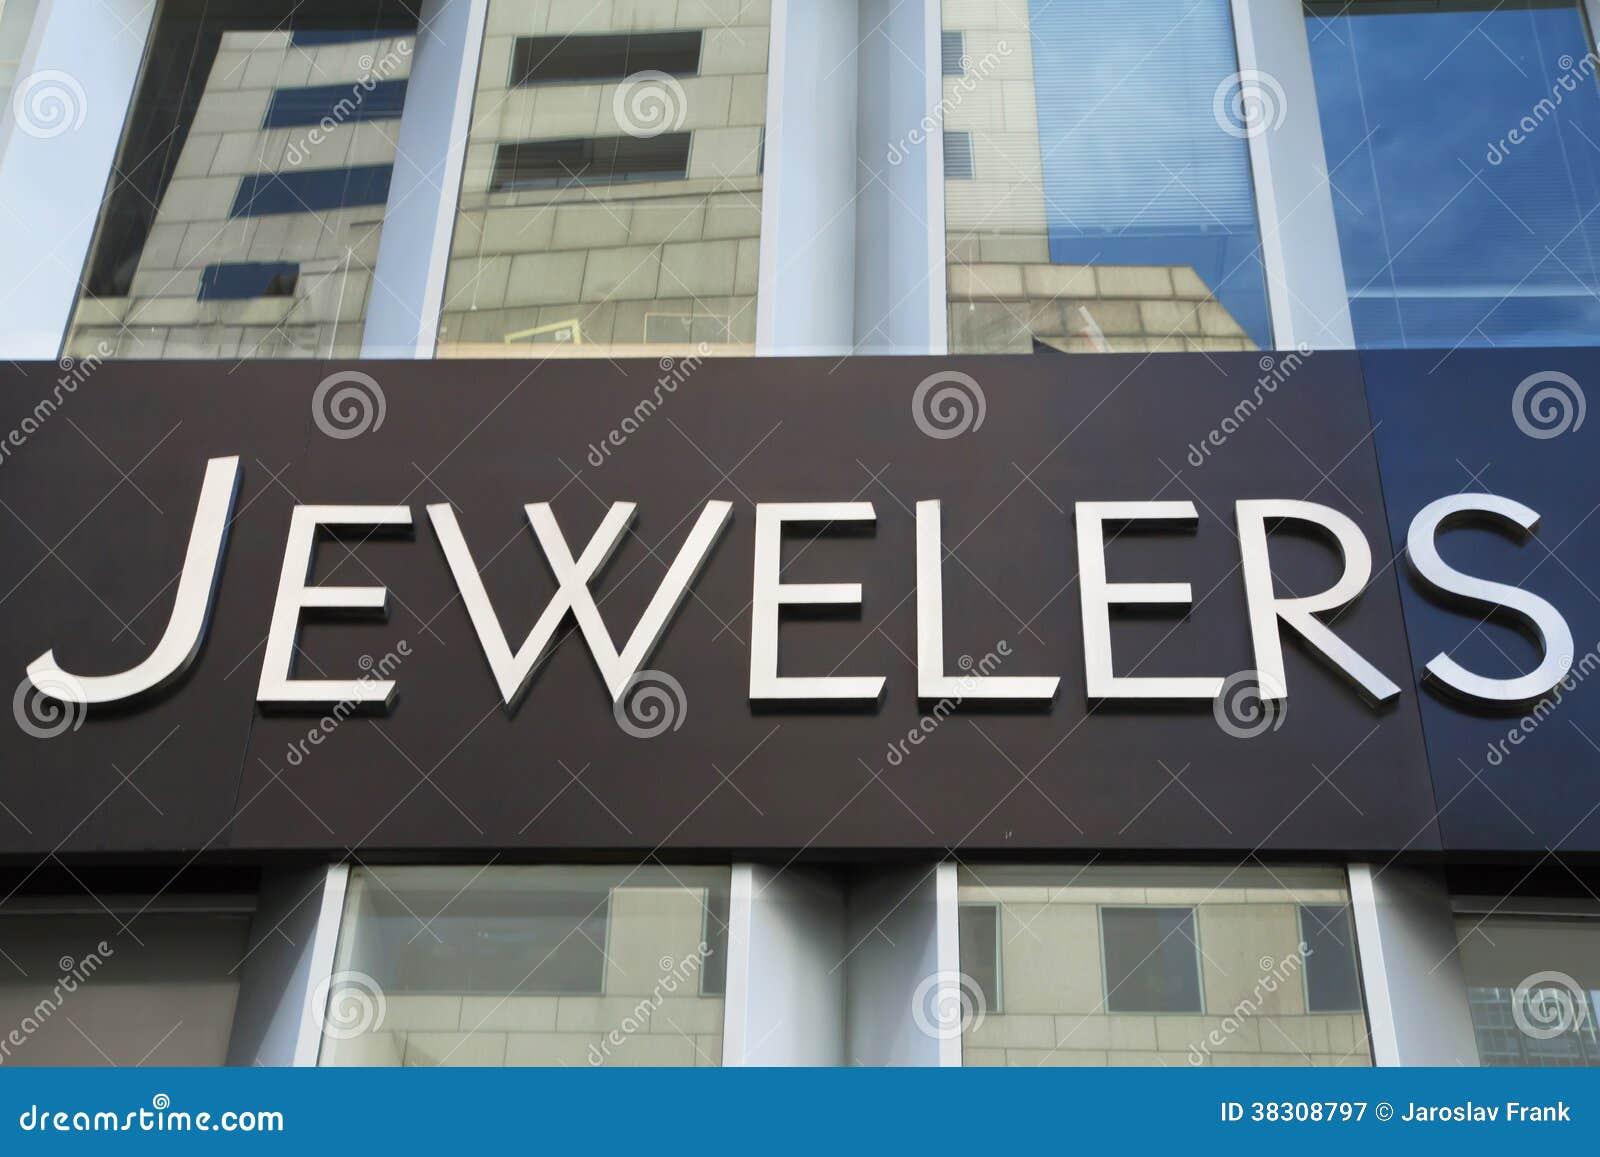 Juwelier, die nyc Dinge, die man wissen muss, wenn man einen aries datiert